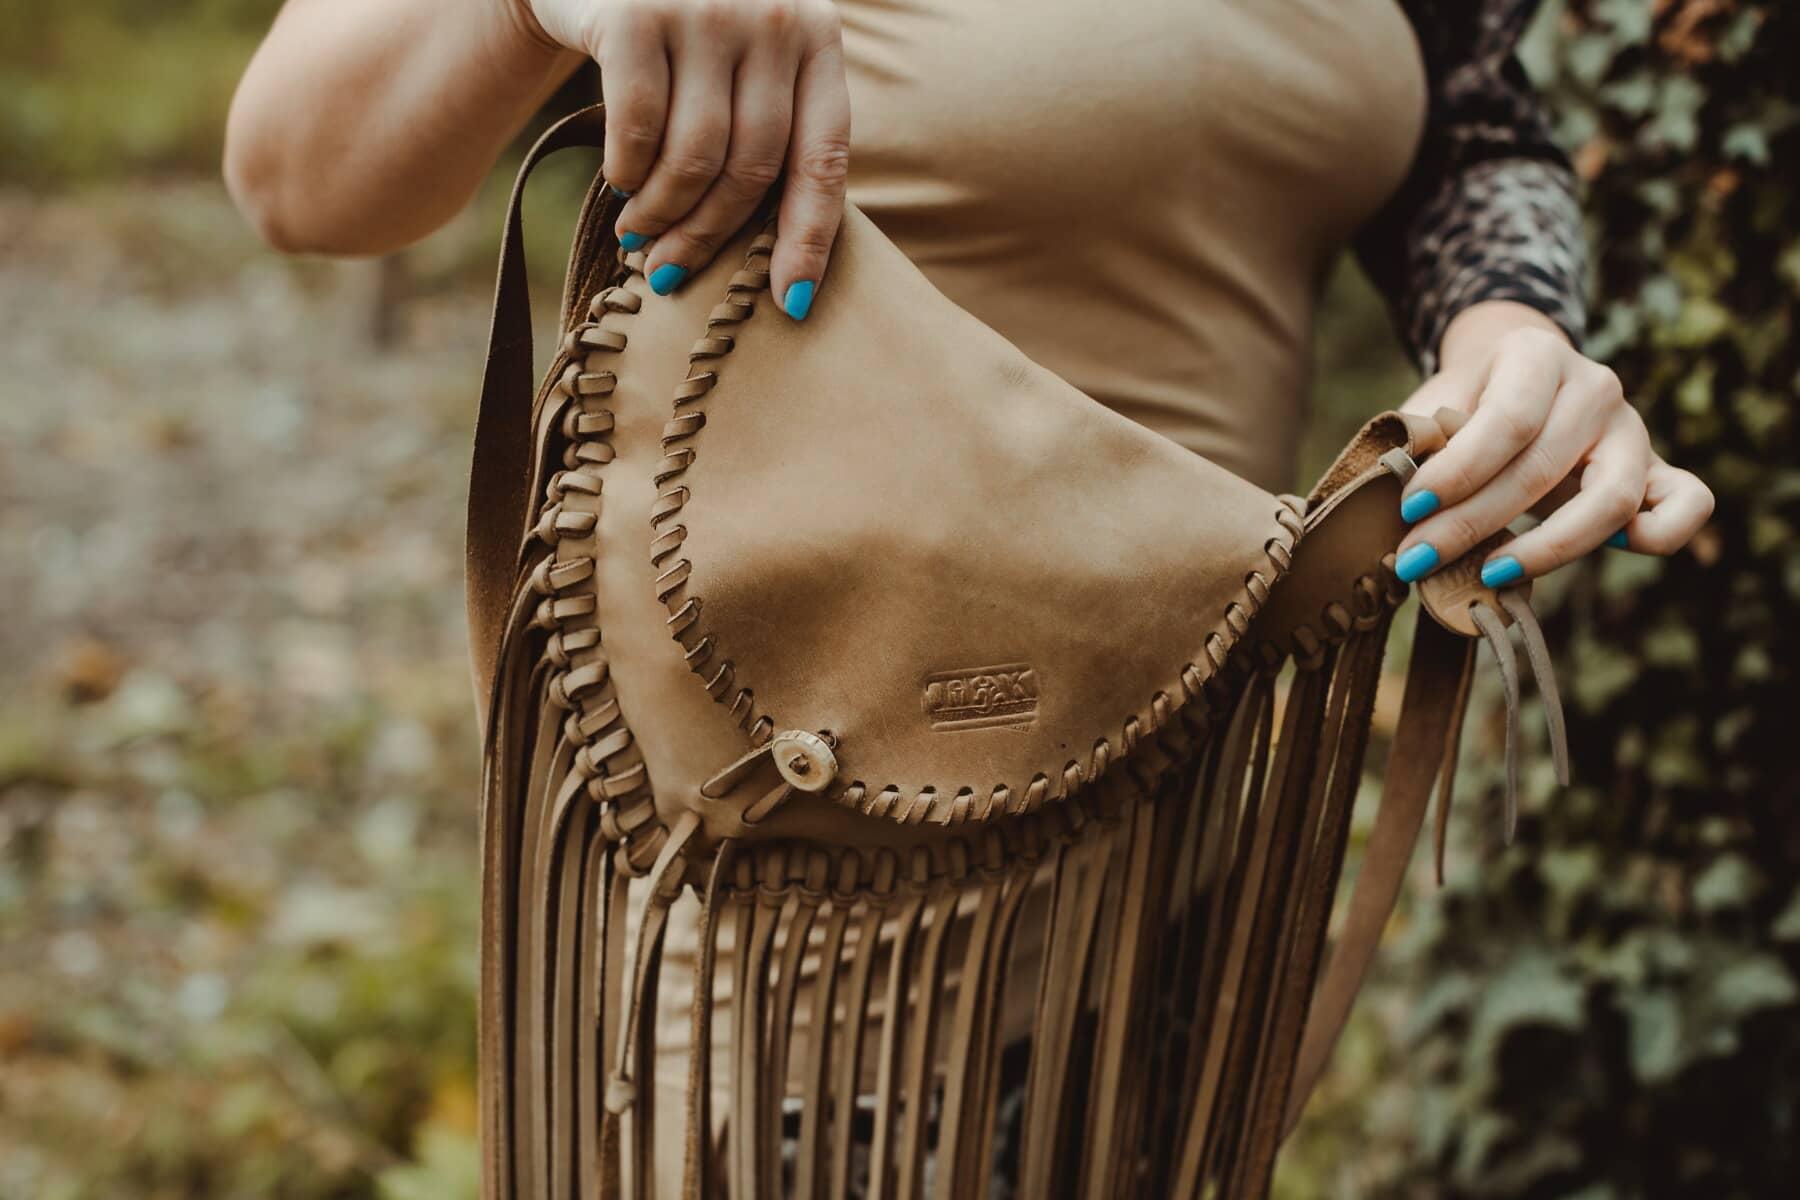 couro, bolsa, feito à mão, moda, marrom claro, mulher, natureza, ao ar livre, retrô, muito